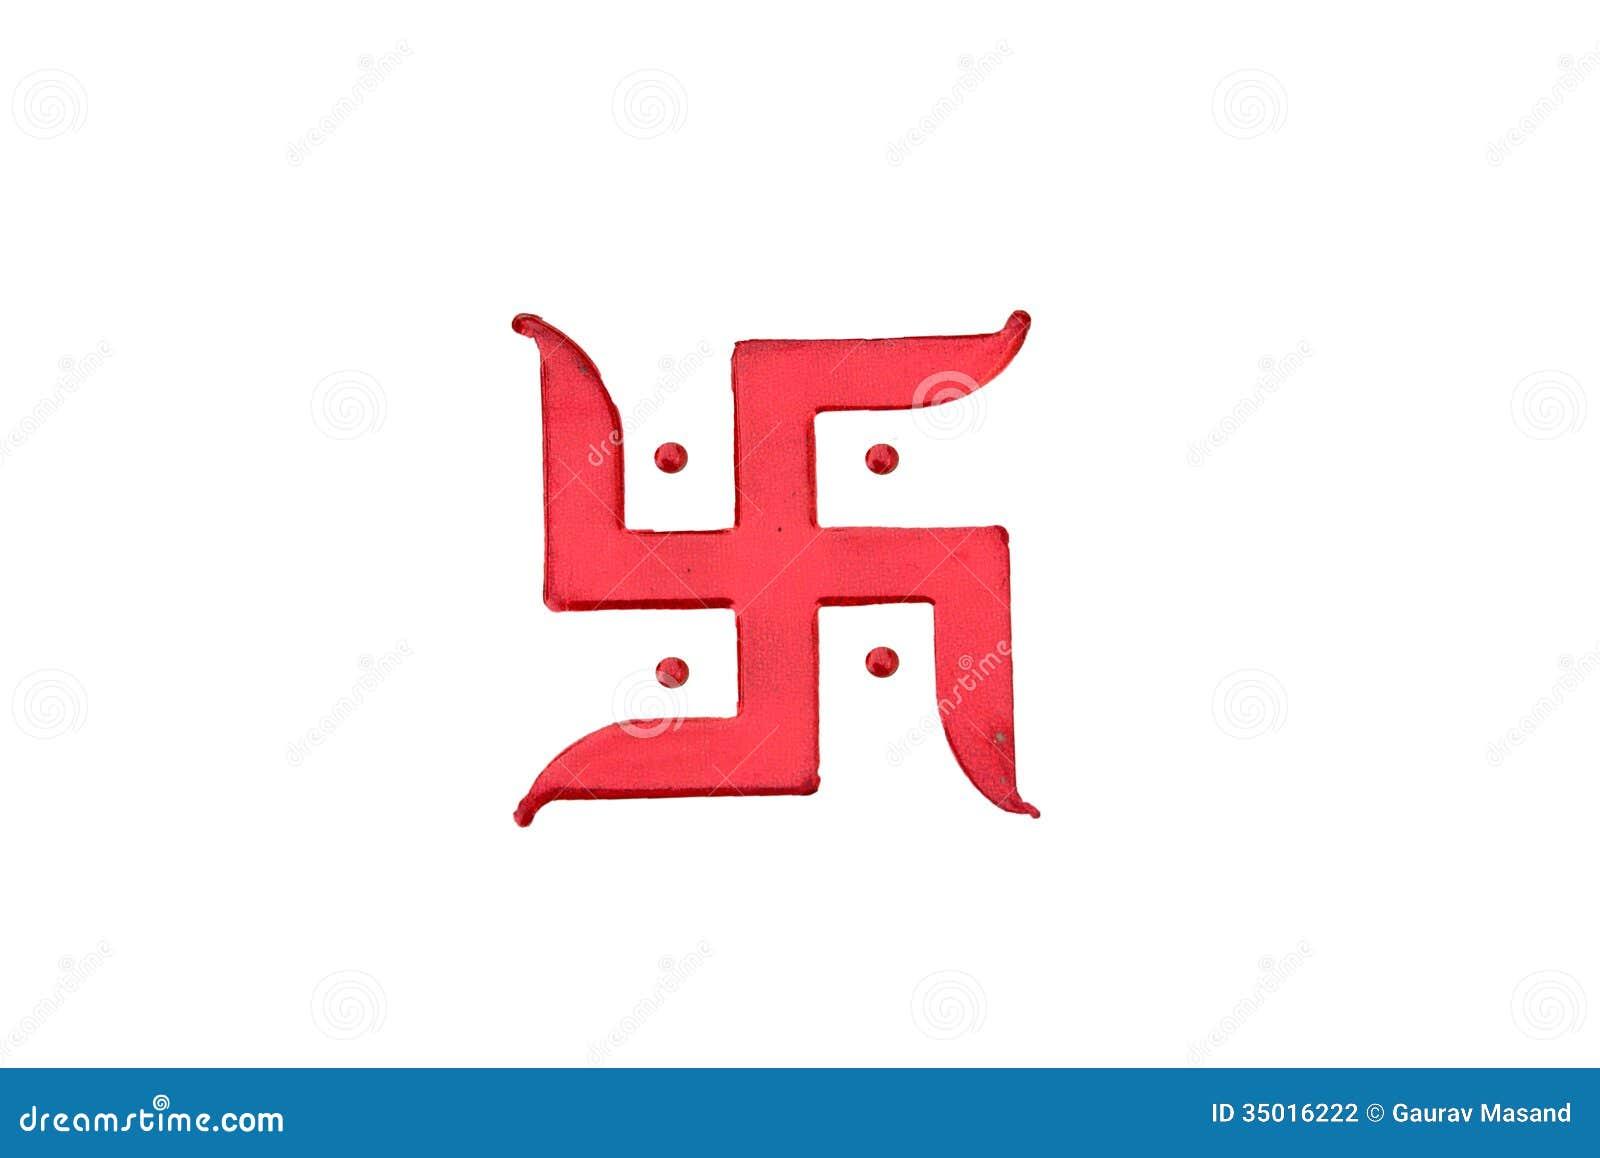 swastik logo wallpaper